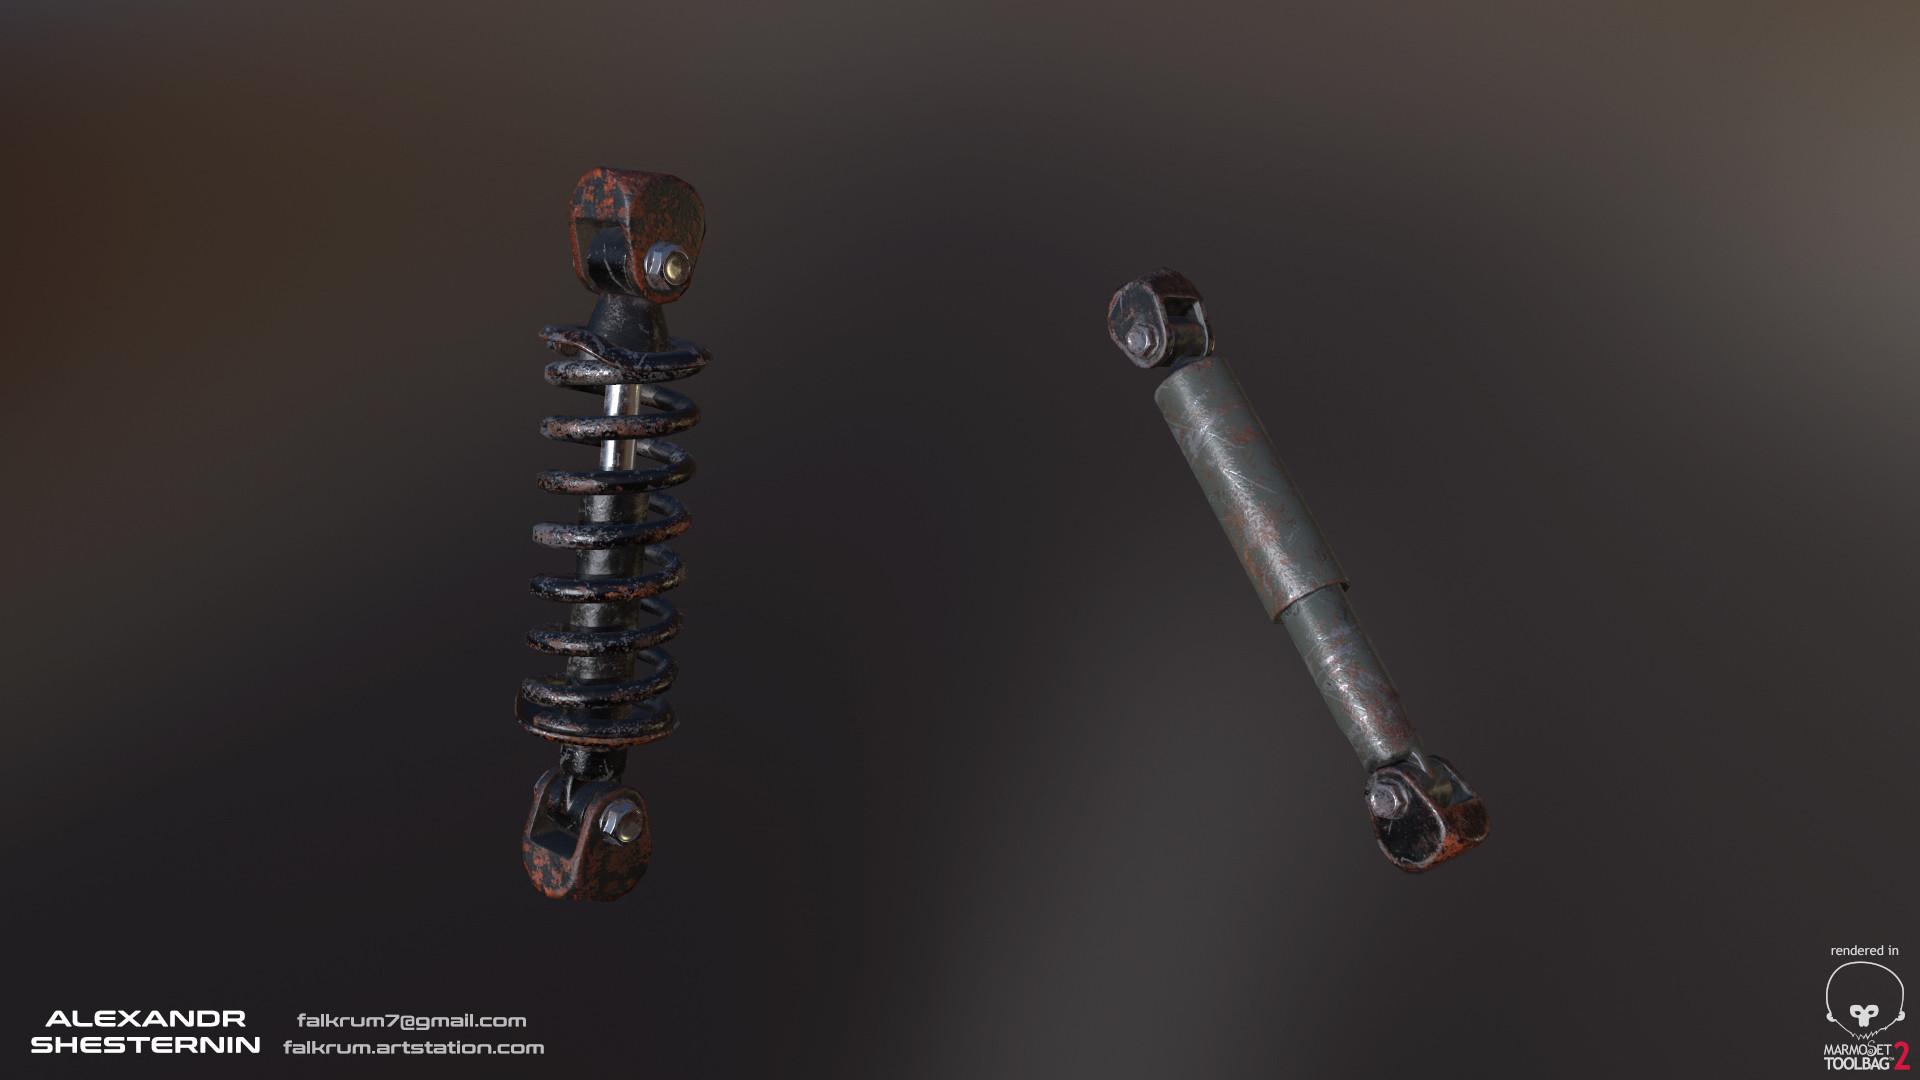 Alexandr shesternin coilovers01